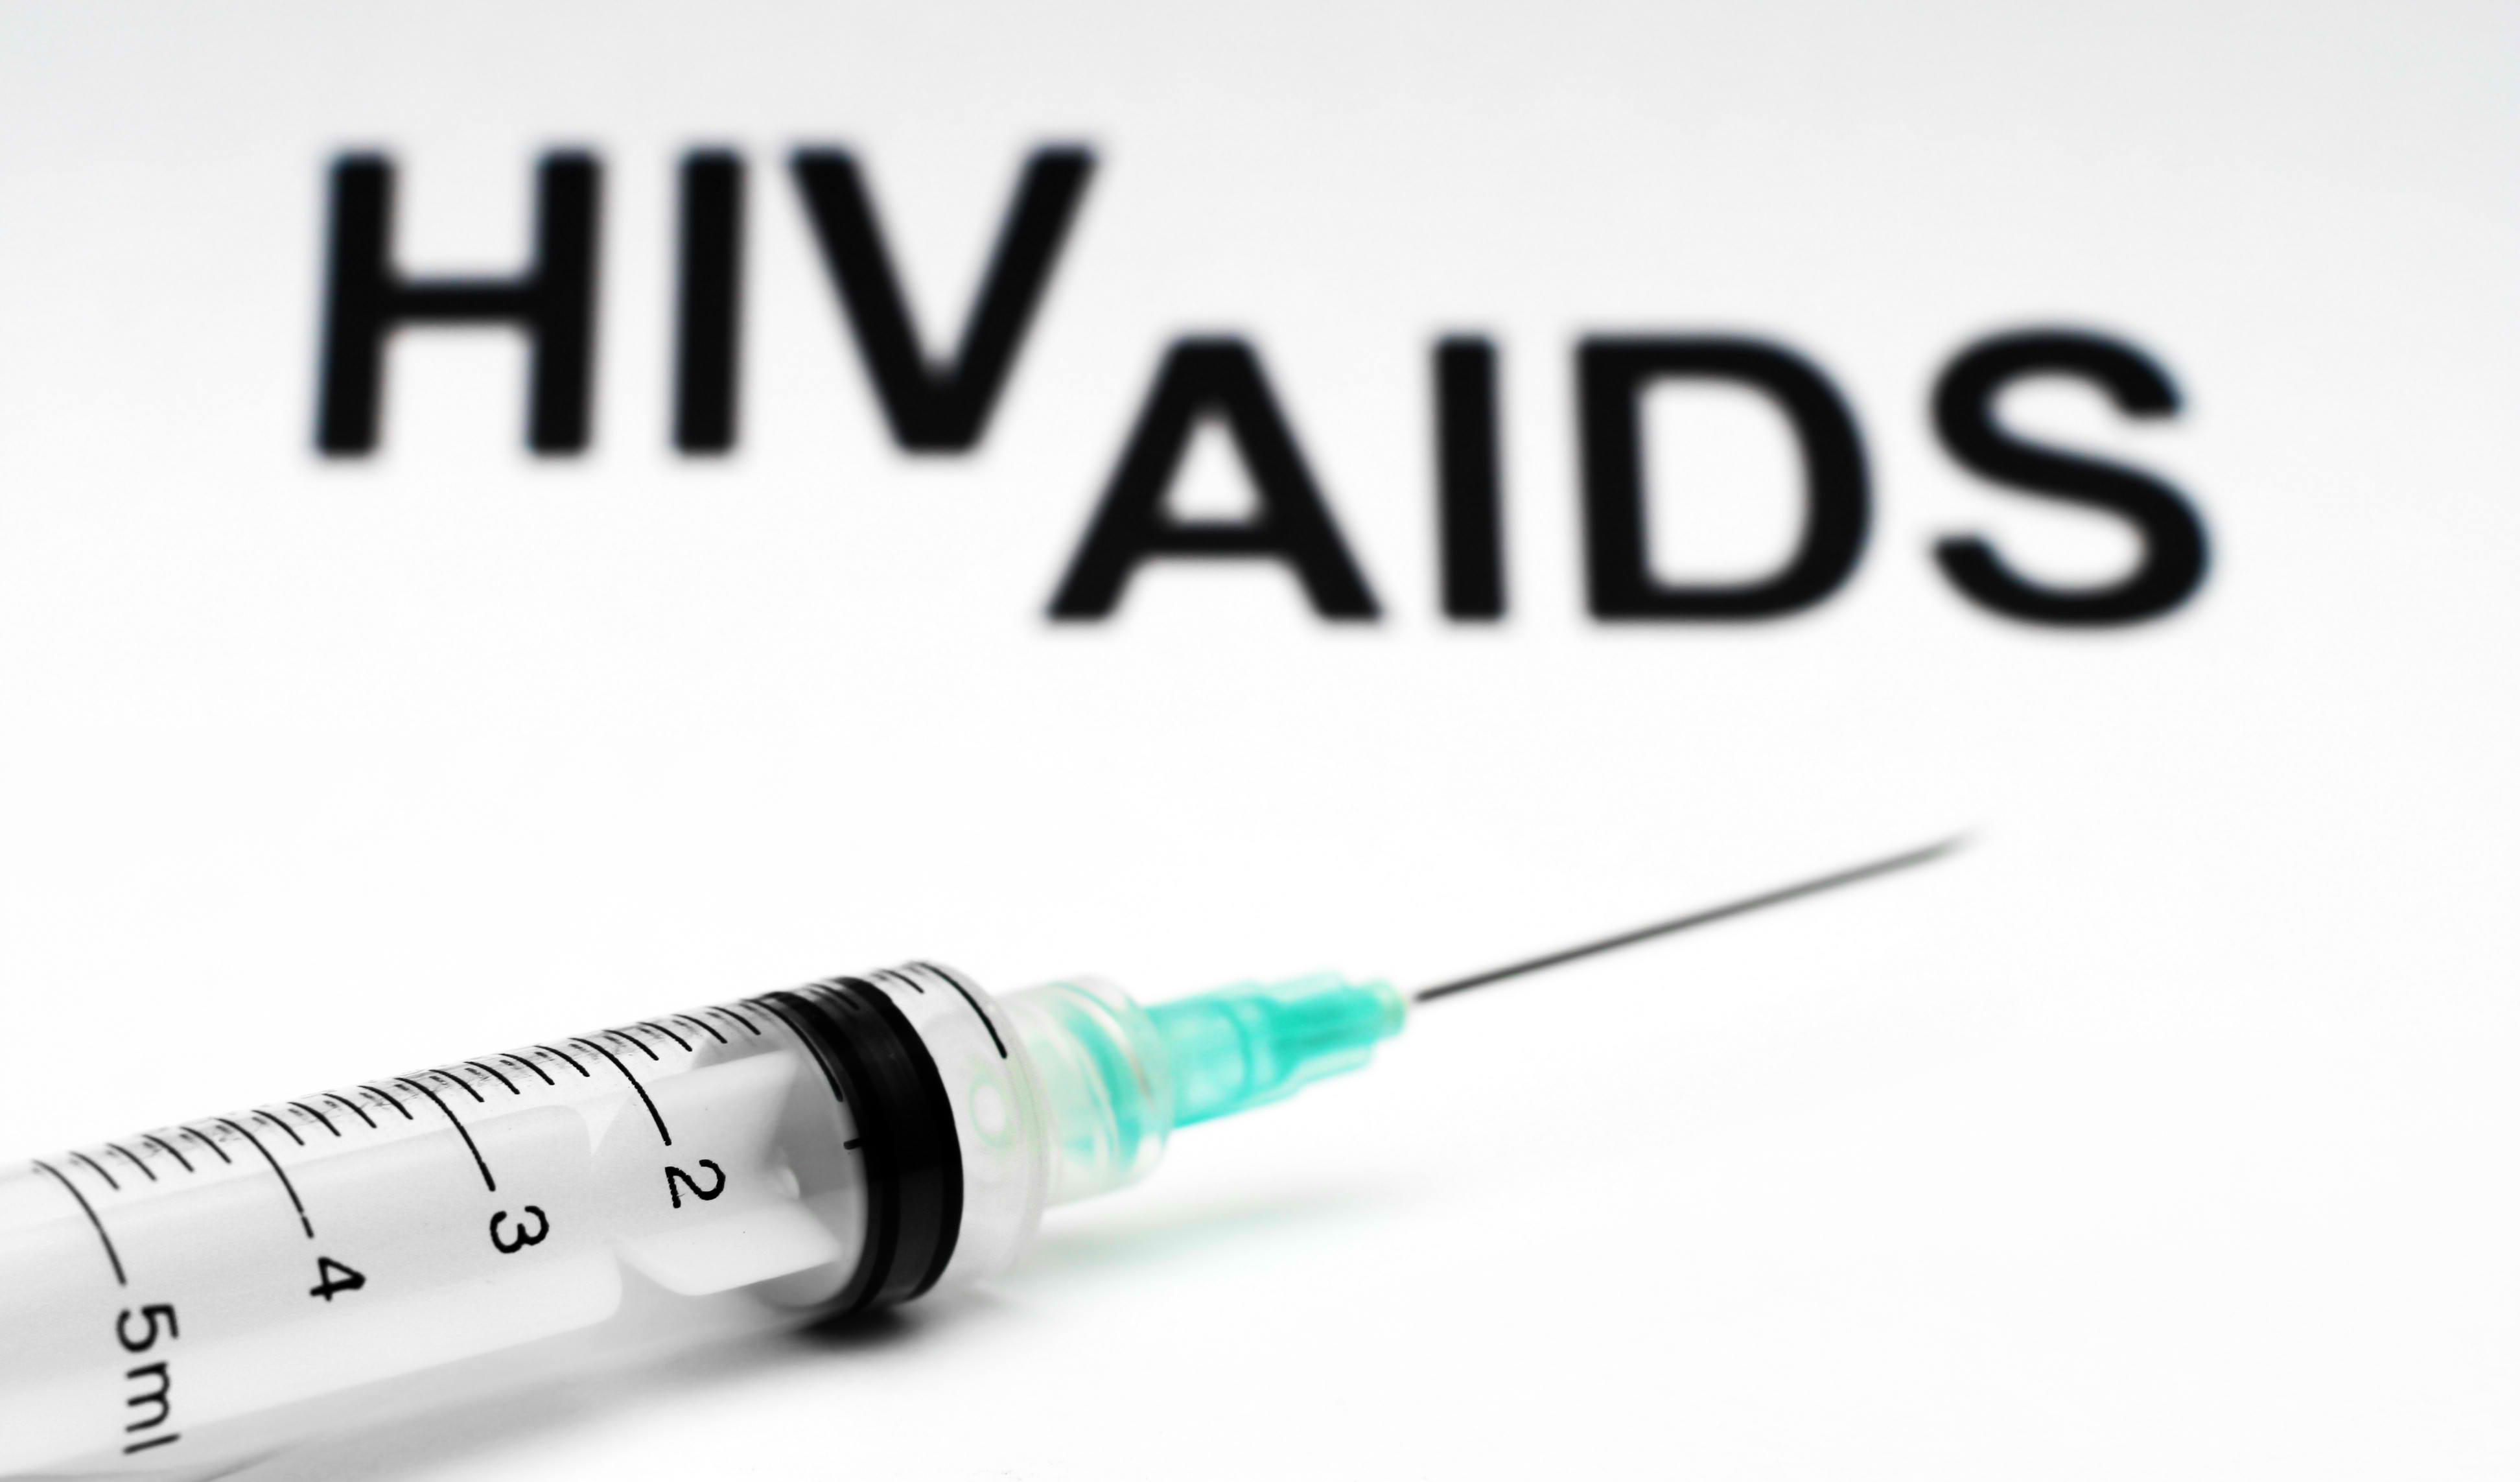 1-به مناسبت روزجهانی ایدز؛ نیاز به توزیع خدمات و امکانات درمانی برای همه مبتلایان درسراسر جهان2-به مناسبت روزجهانی ایدز؛ نیاز به توزیع یکسان خدمات و امکانات درمانی برای همه مبتلایان درسراسر دنیا